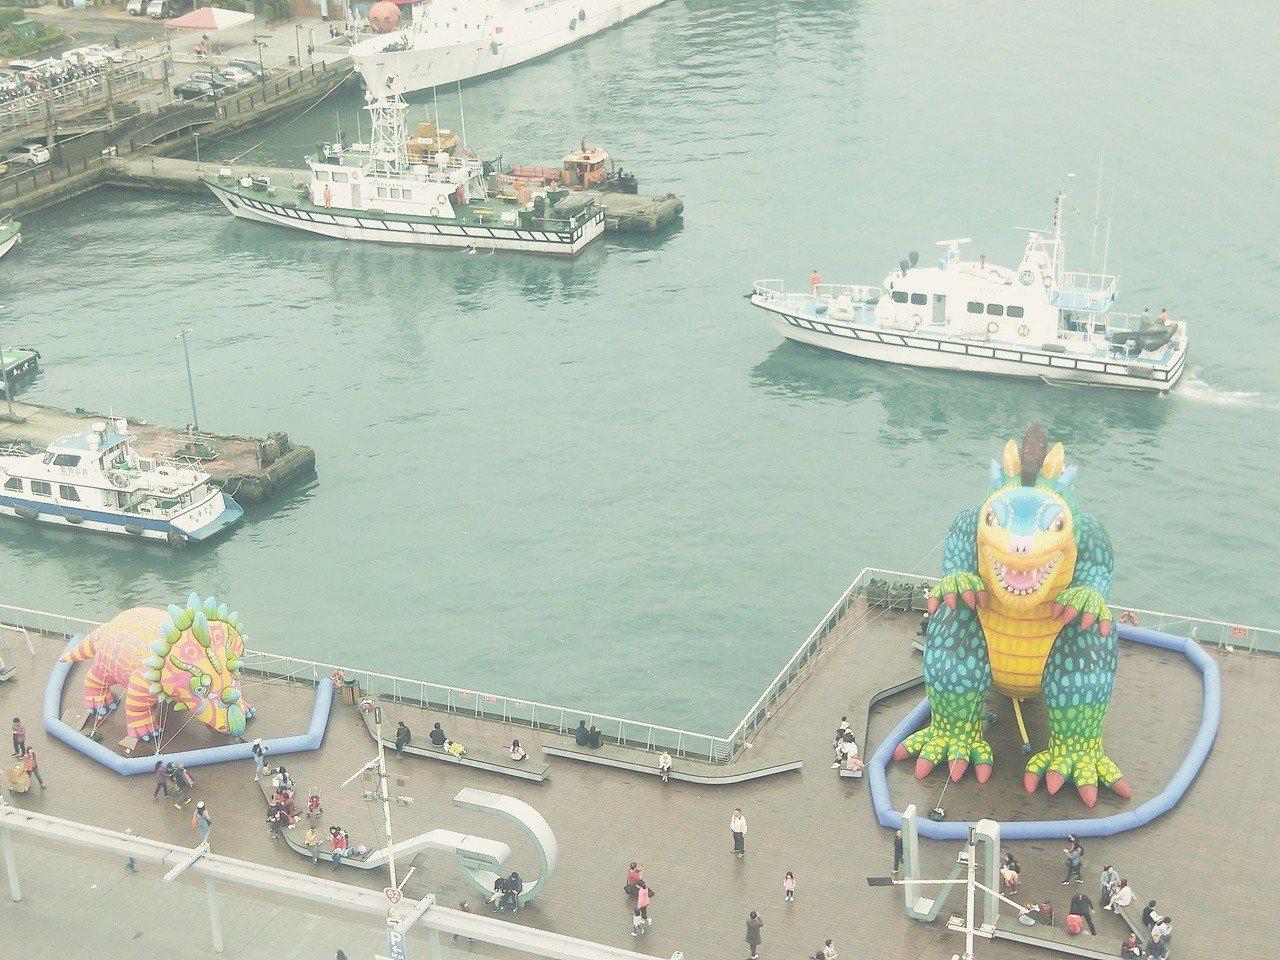 海洋廣場3隻雷克斯龍、圓頂龍及彼得修斯角龍今天充氣現身曝光,民眾搶先拍照。記者游...